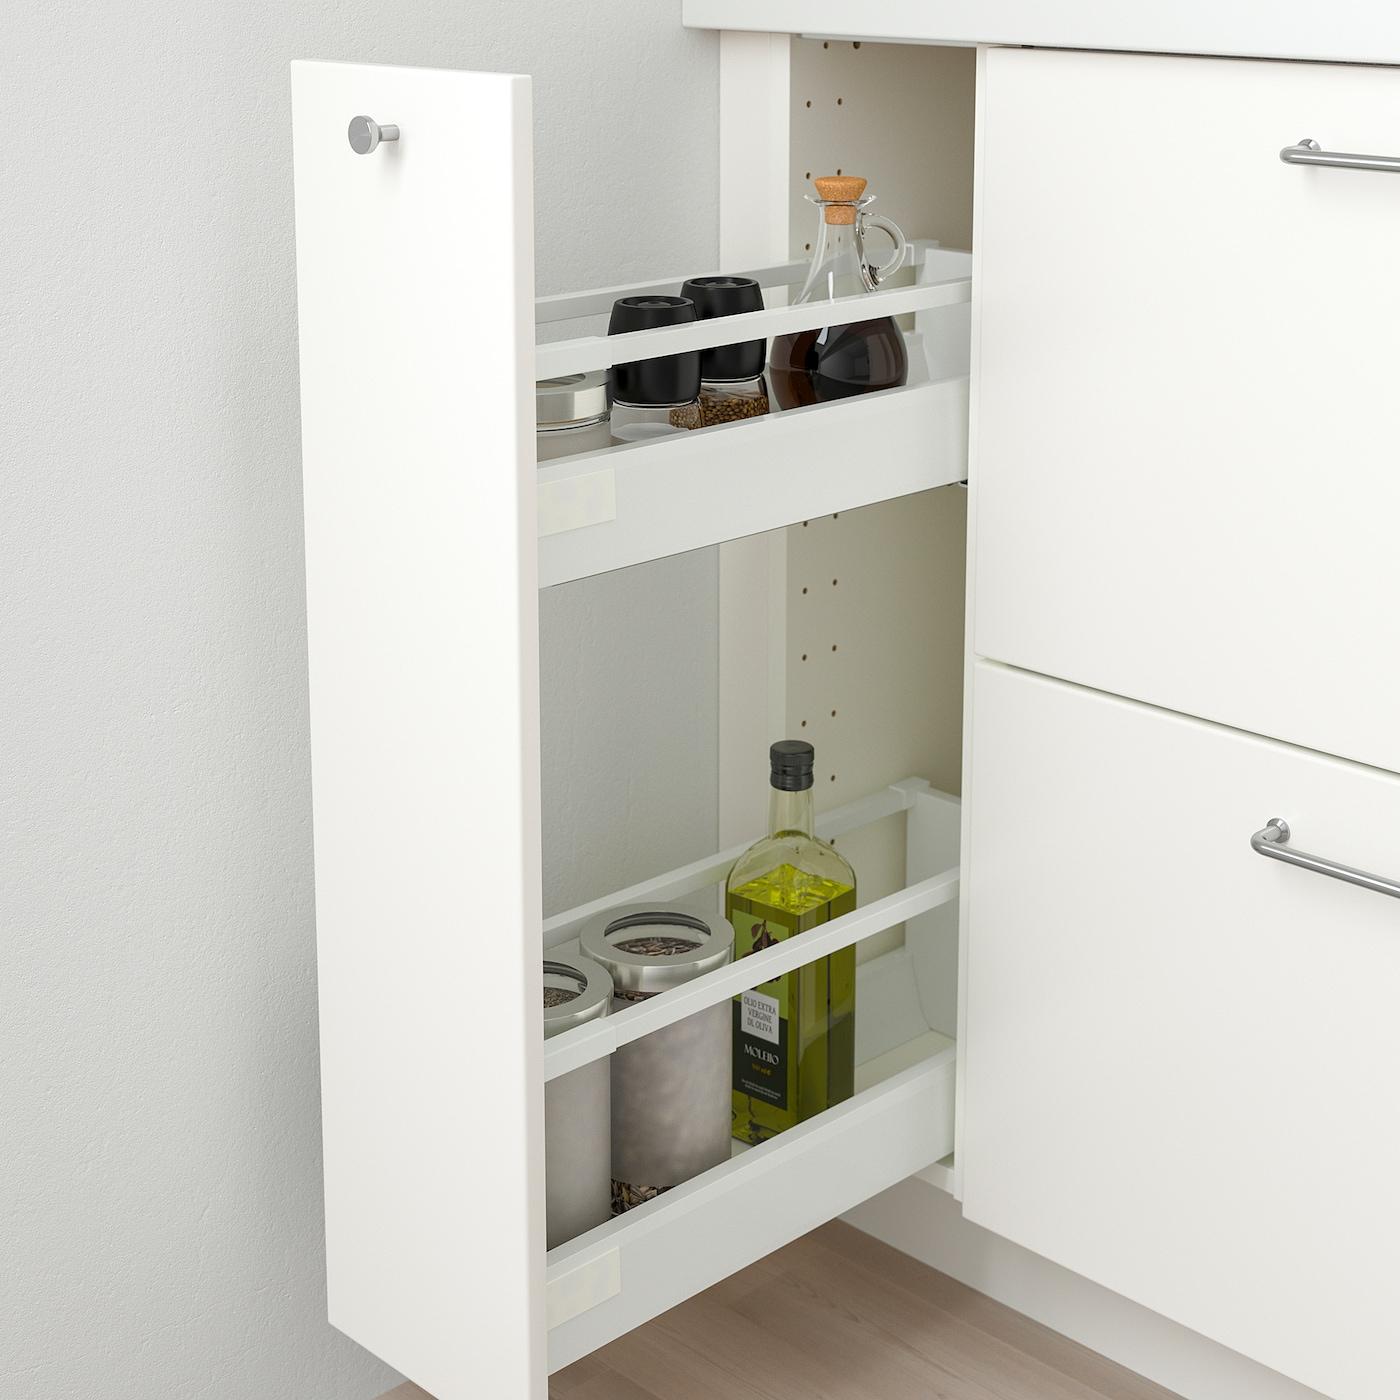 Ikea Accessori Interni Per Mobili Cucina.Metod Mobile Base E Accessori Estraibili Bianco Veddinge Bianco Ikea Svizzera